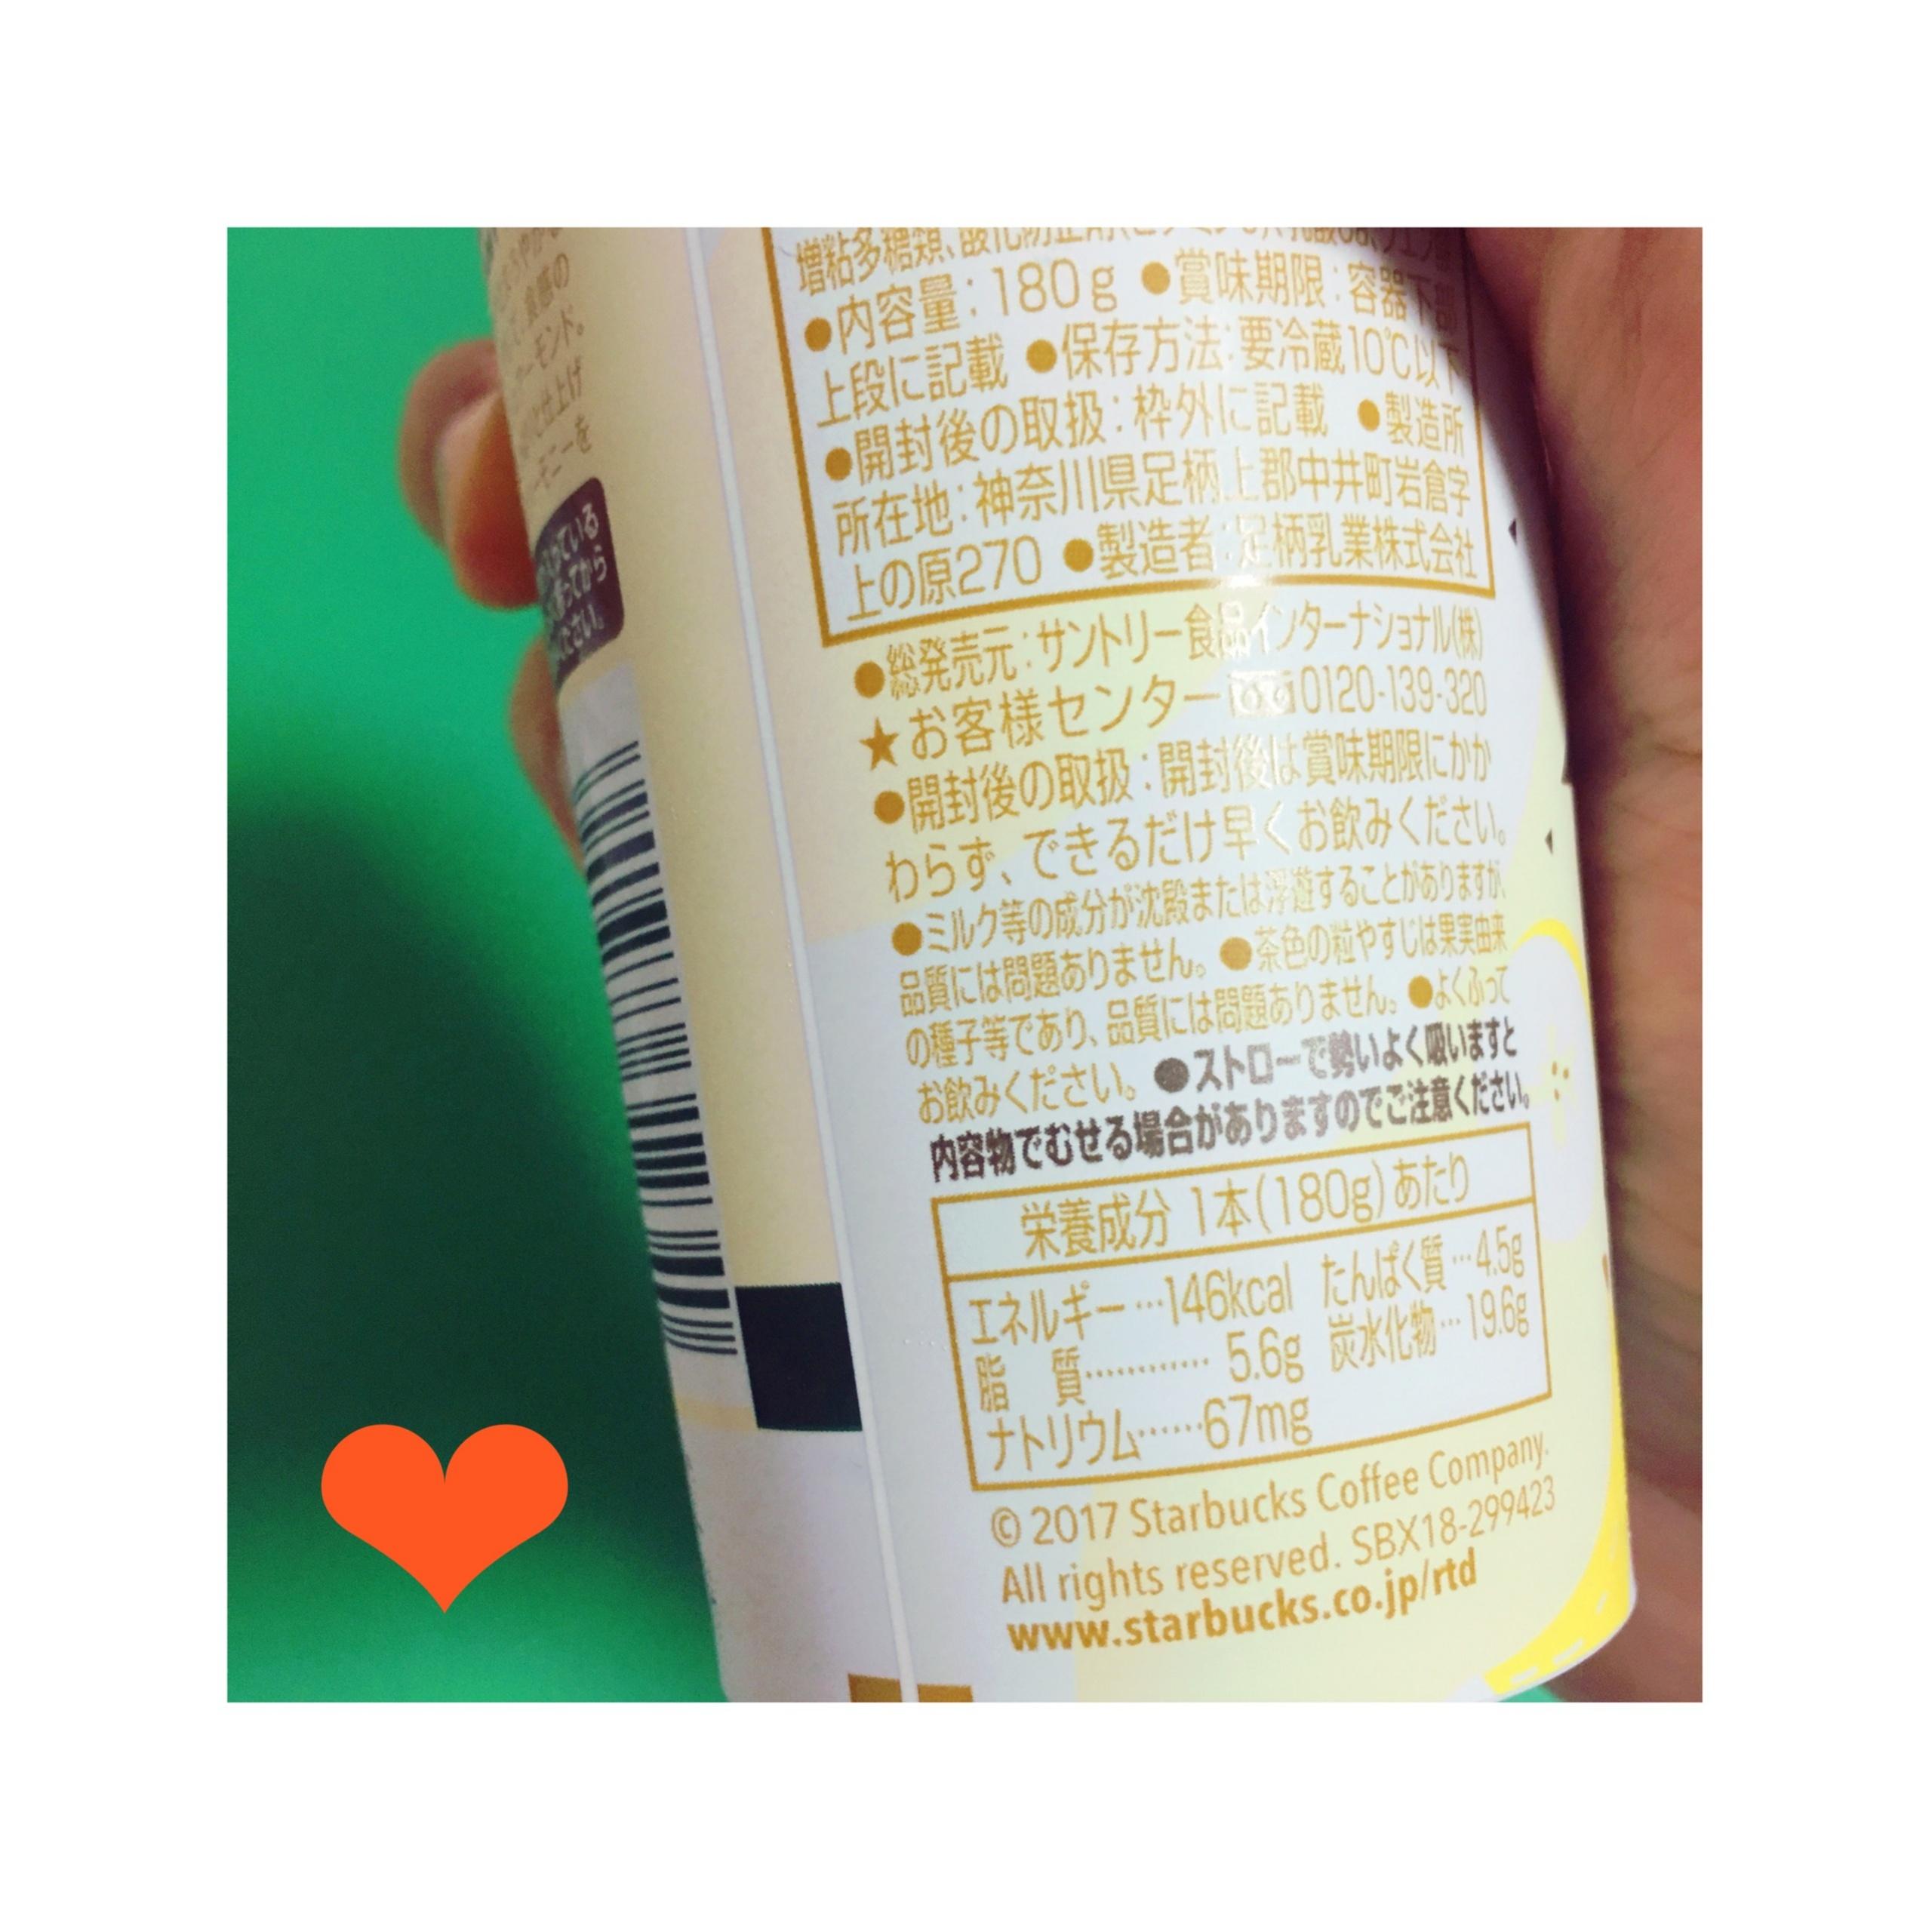 《11/7発売★コンビニ限定》【スタバ】待望のチルド新作!〝バナナクリーミーミルク バナナ&クラッシュアーモンド〟がおいしい❤️!_3